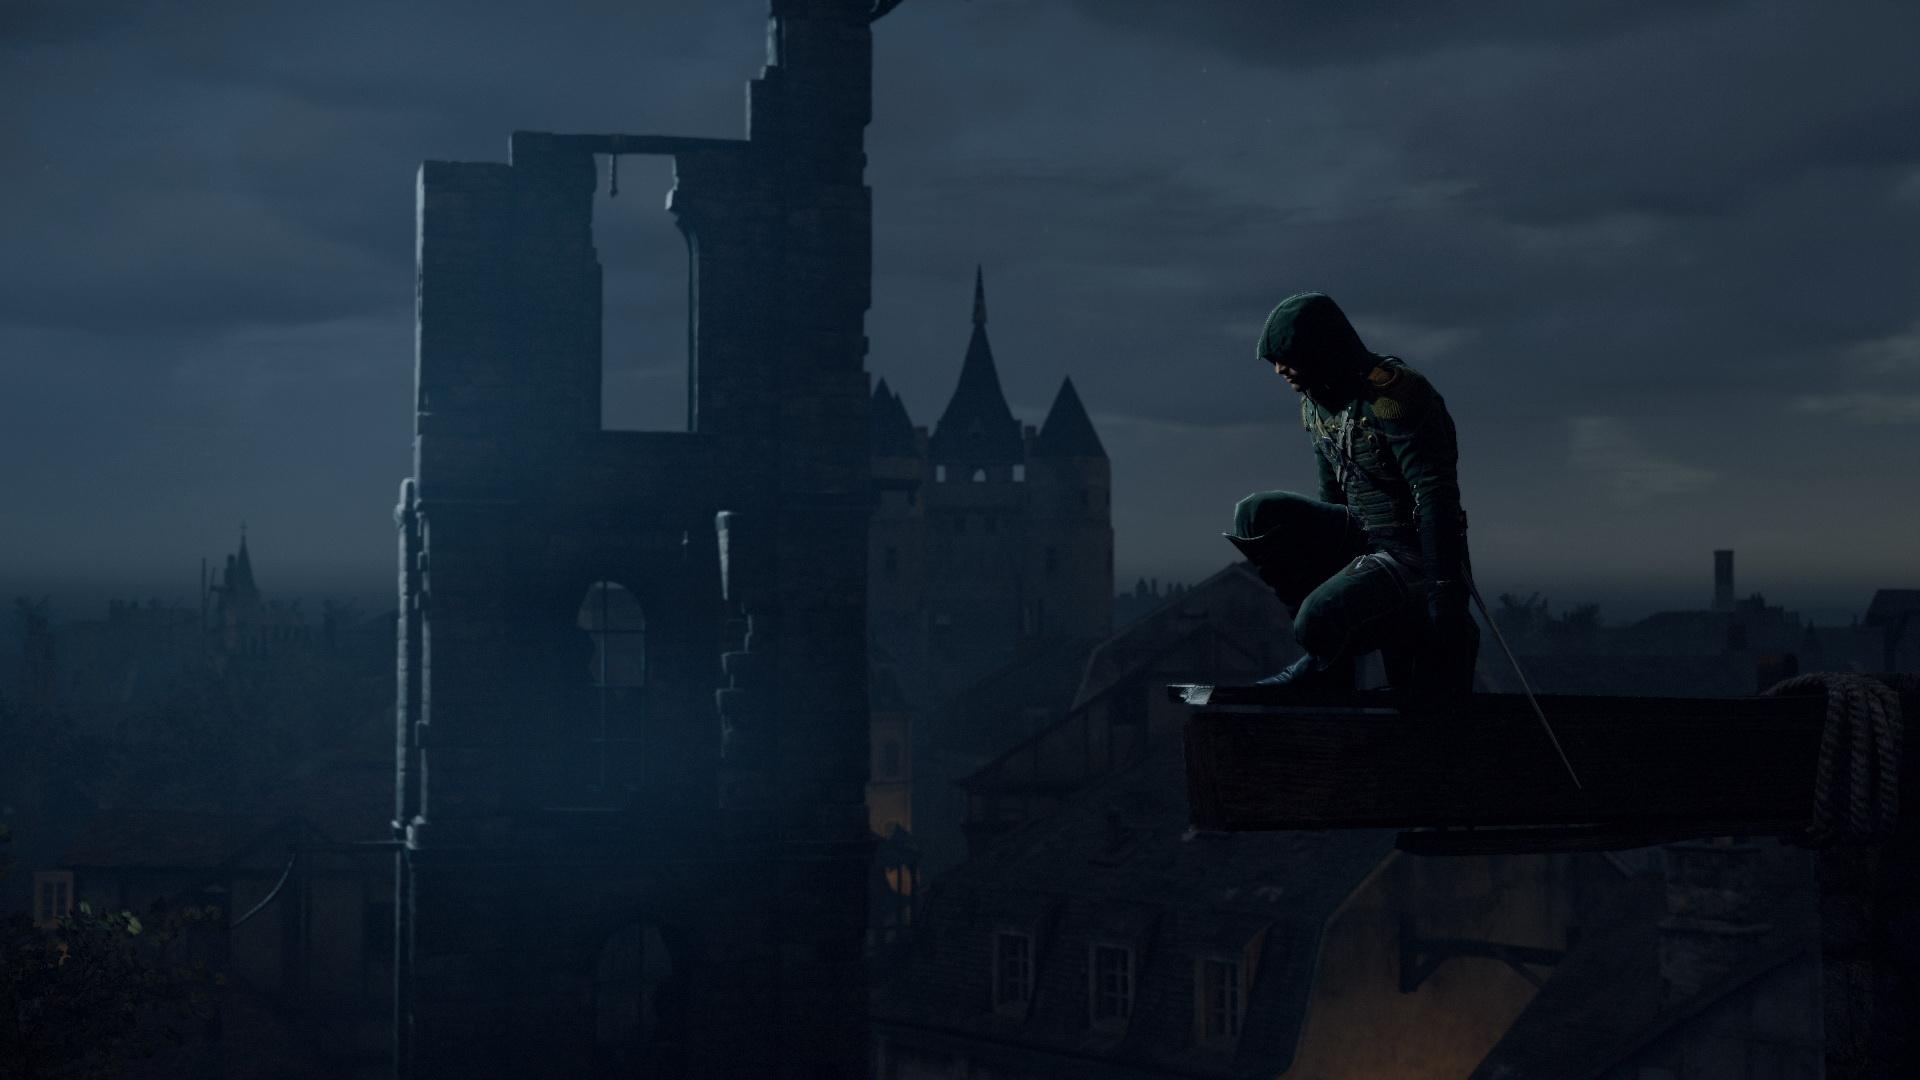 Assasin на крыше в хорошем качестве